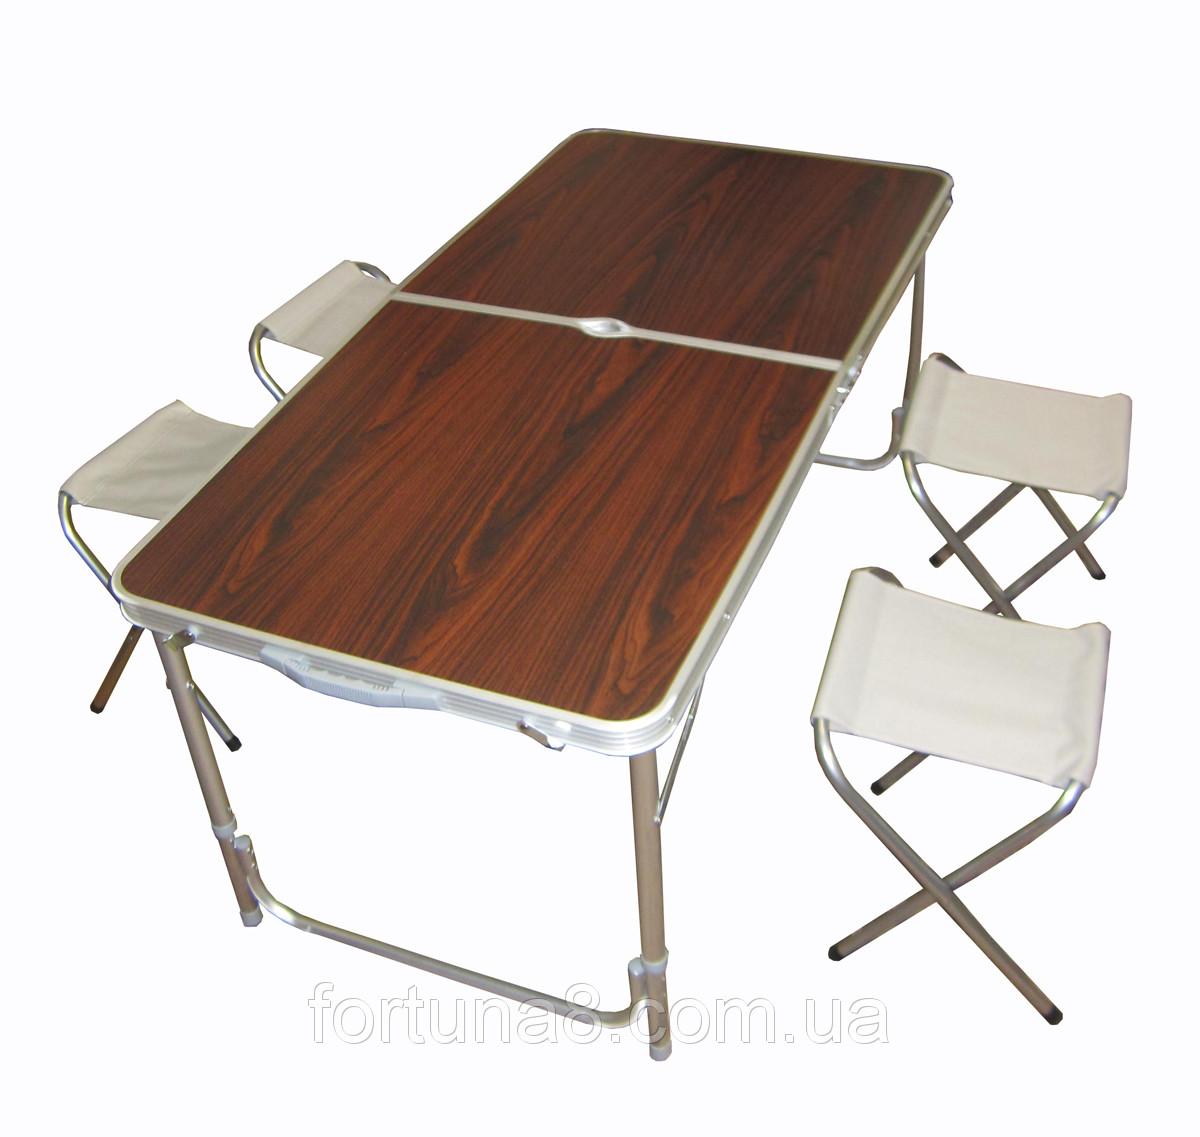 Стол для пикника  магазине